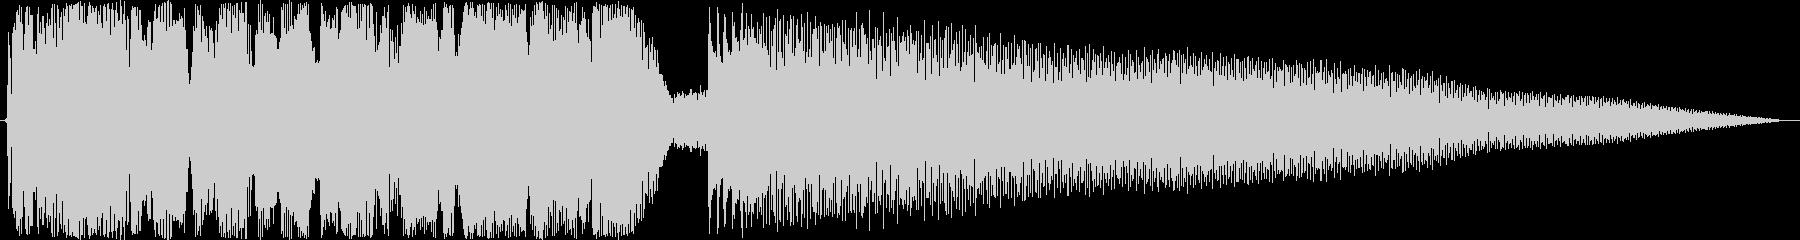 ジングル ロックンロールギターBの未再生の波形